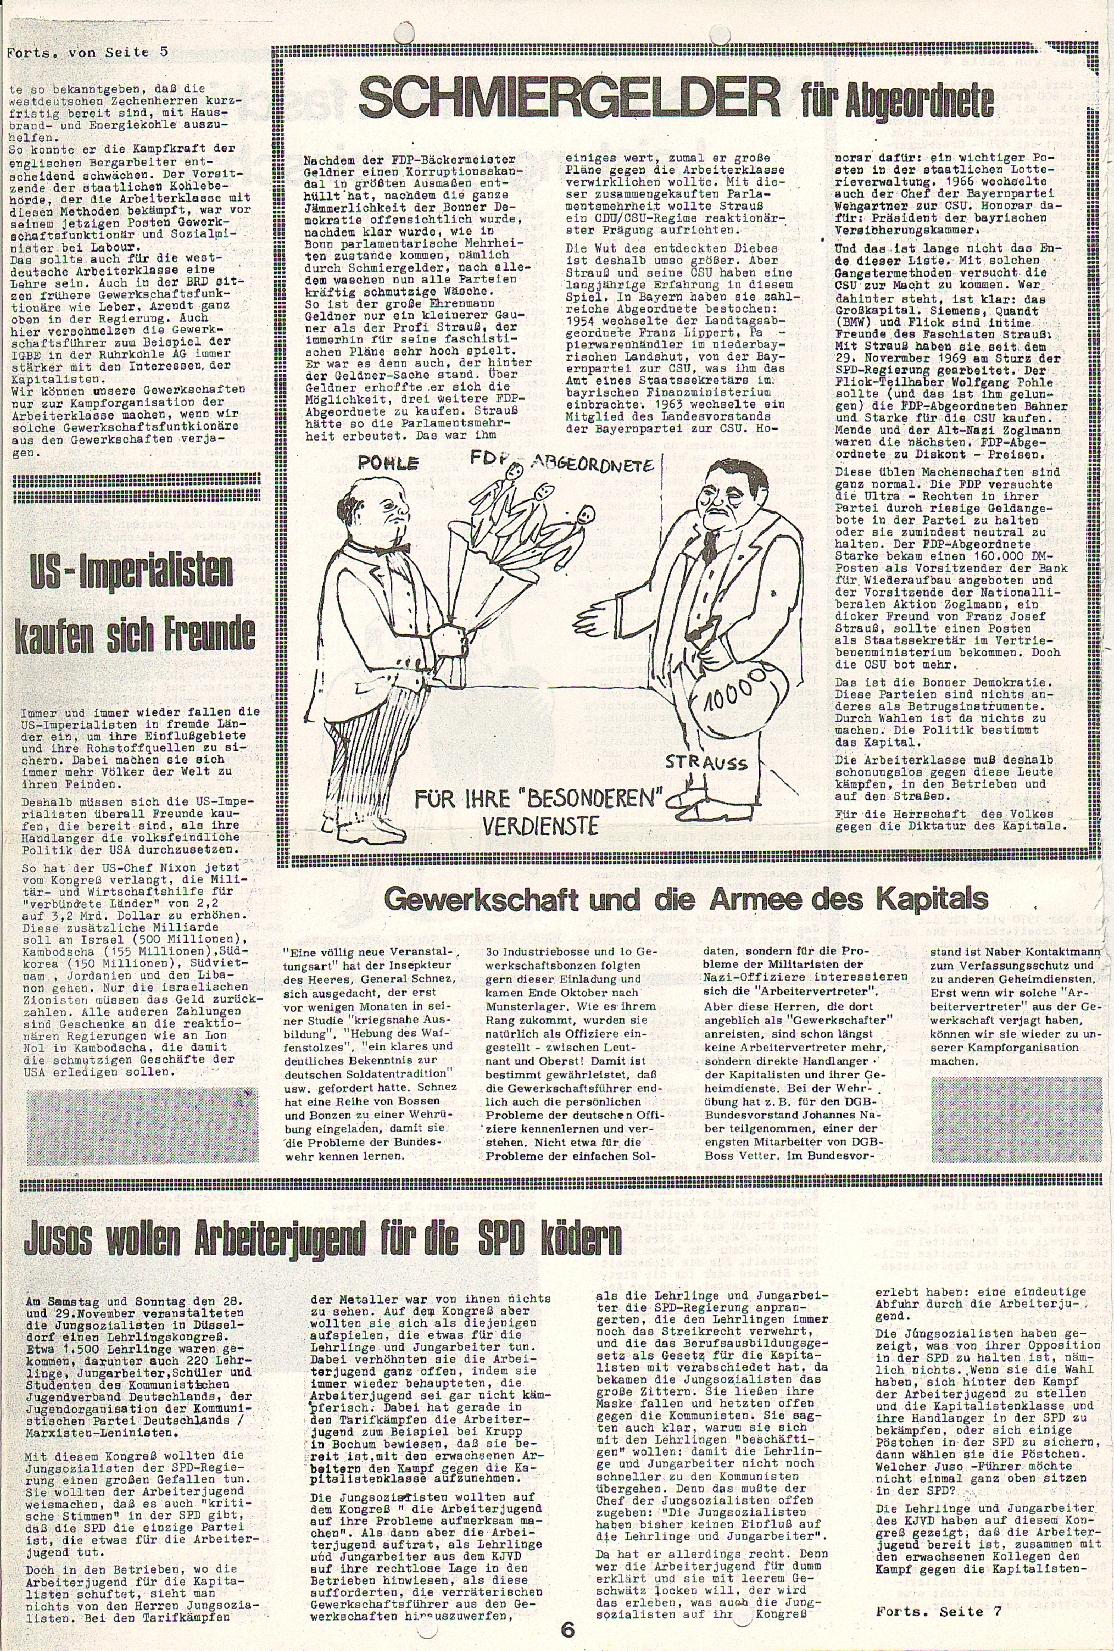 Rote Fahne, 1. Jg., 7.12.1970, Nr. 5, Seite 6